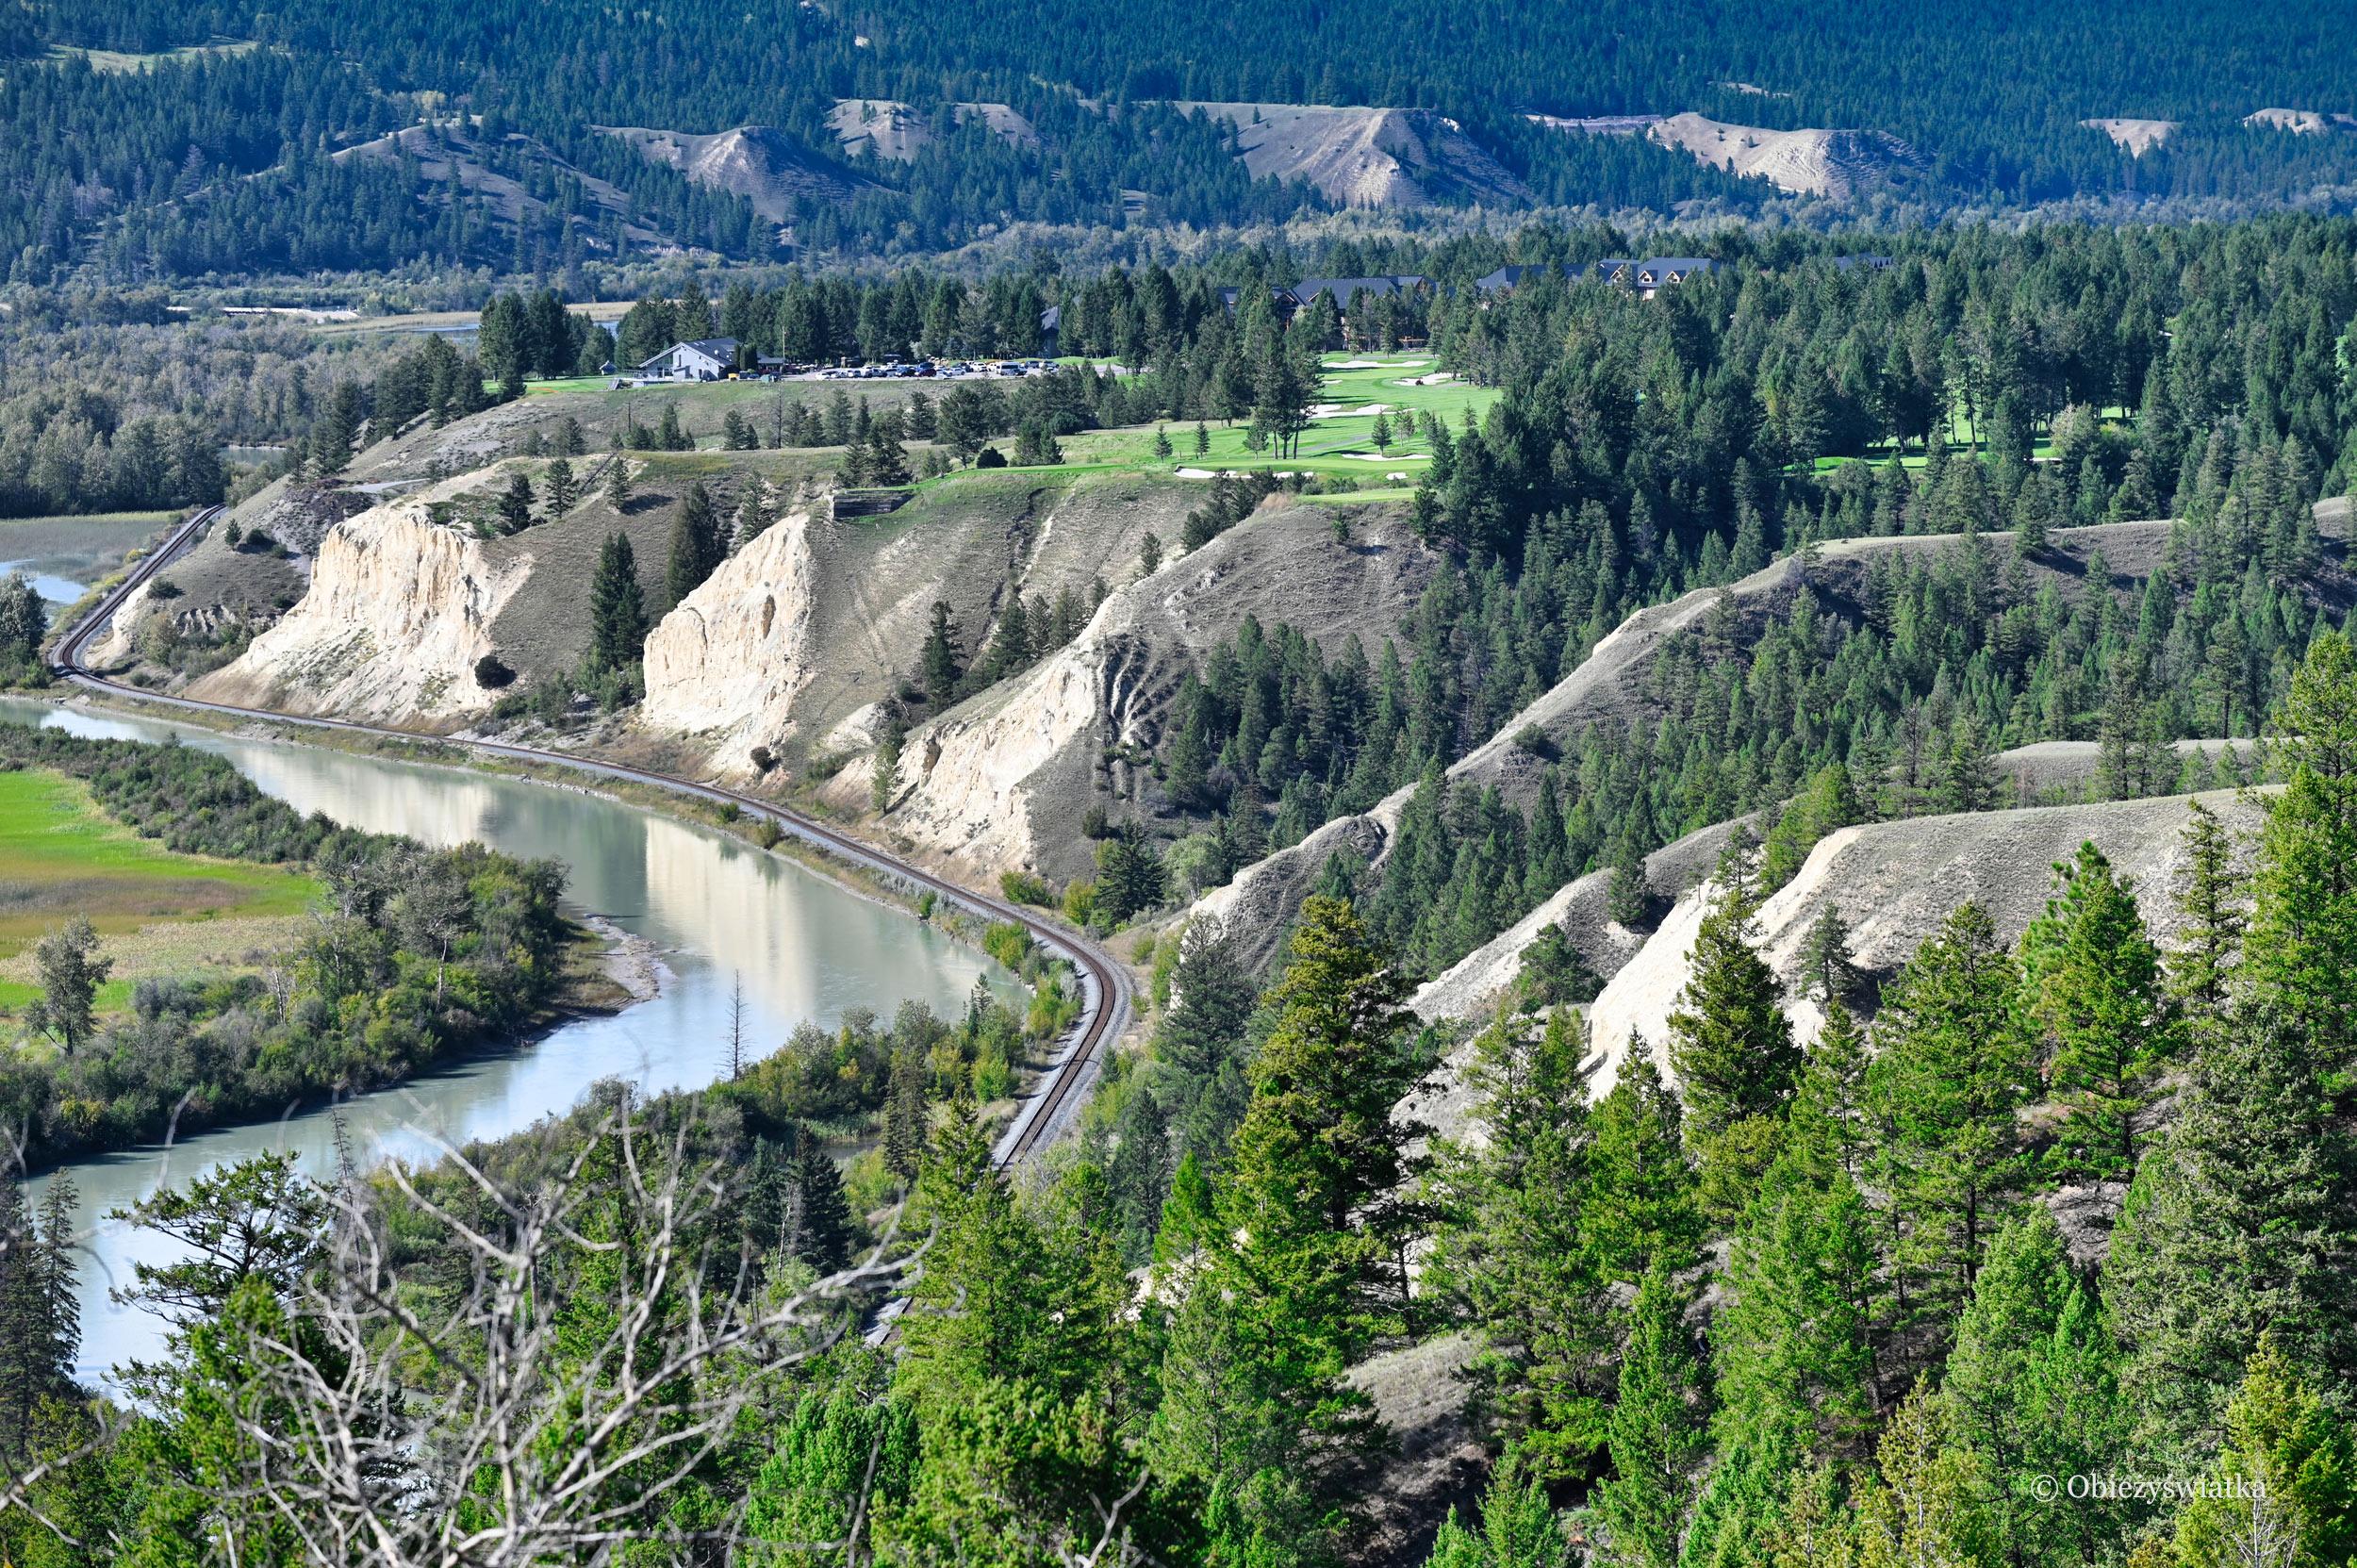 Malownicza rzeka Kolumbia w Kanadzie